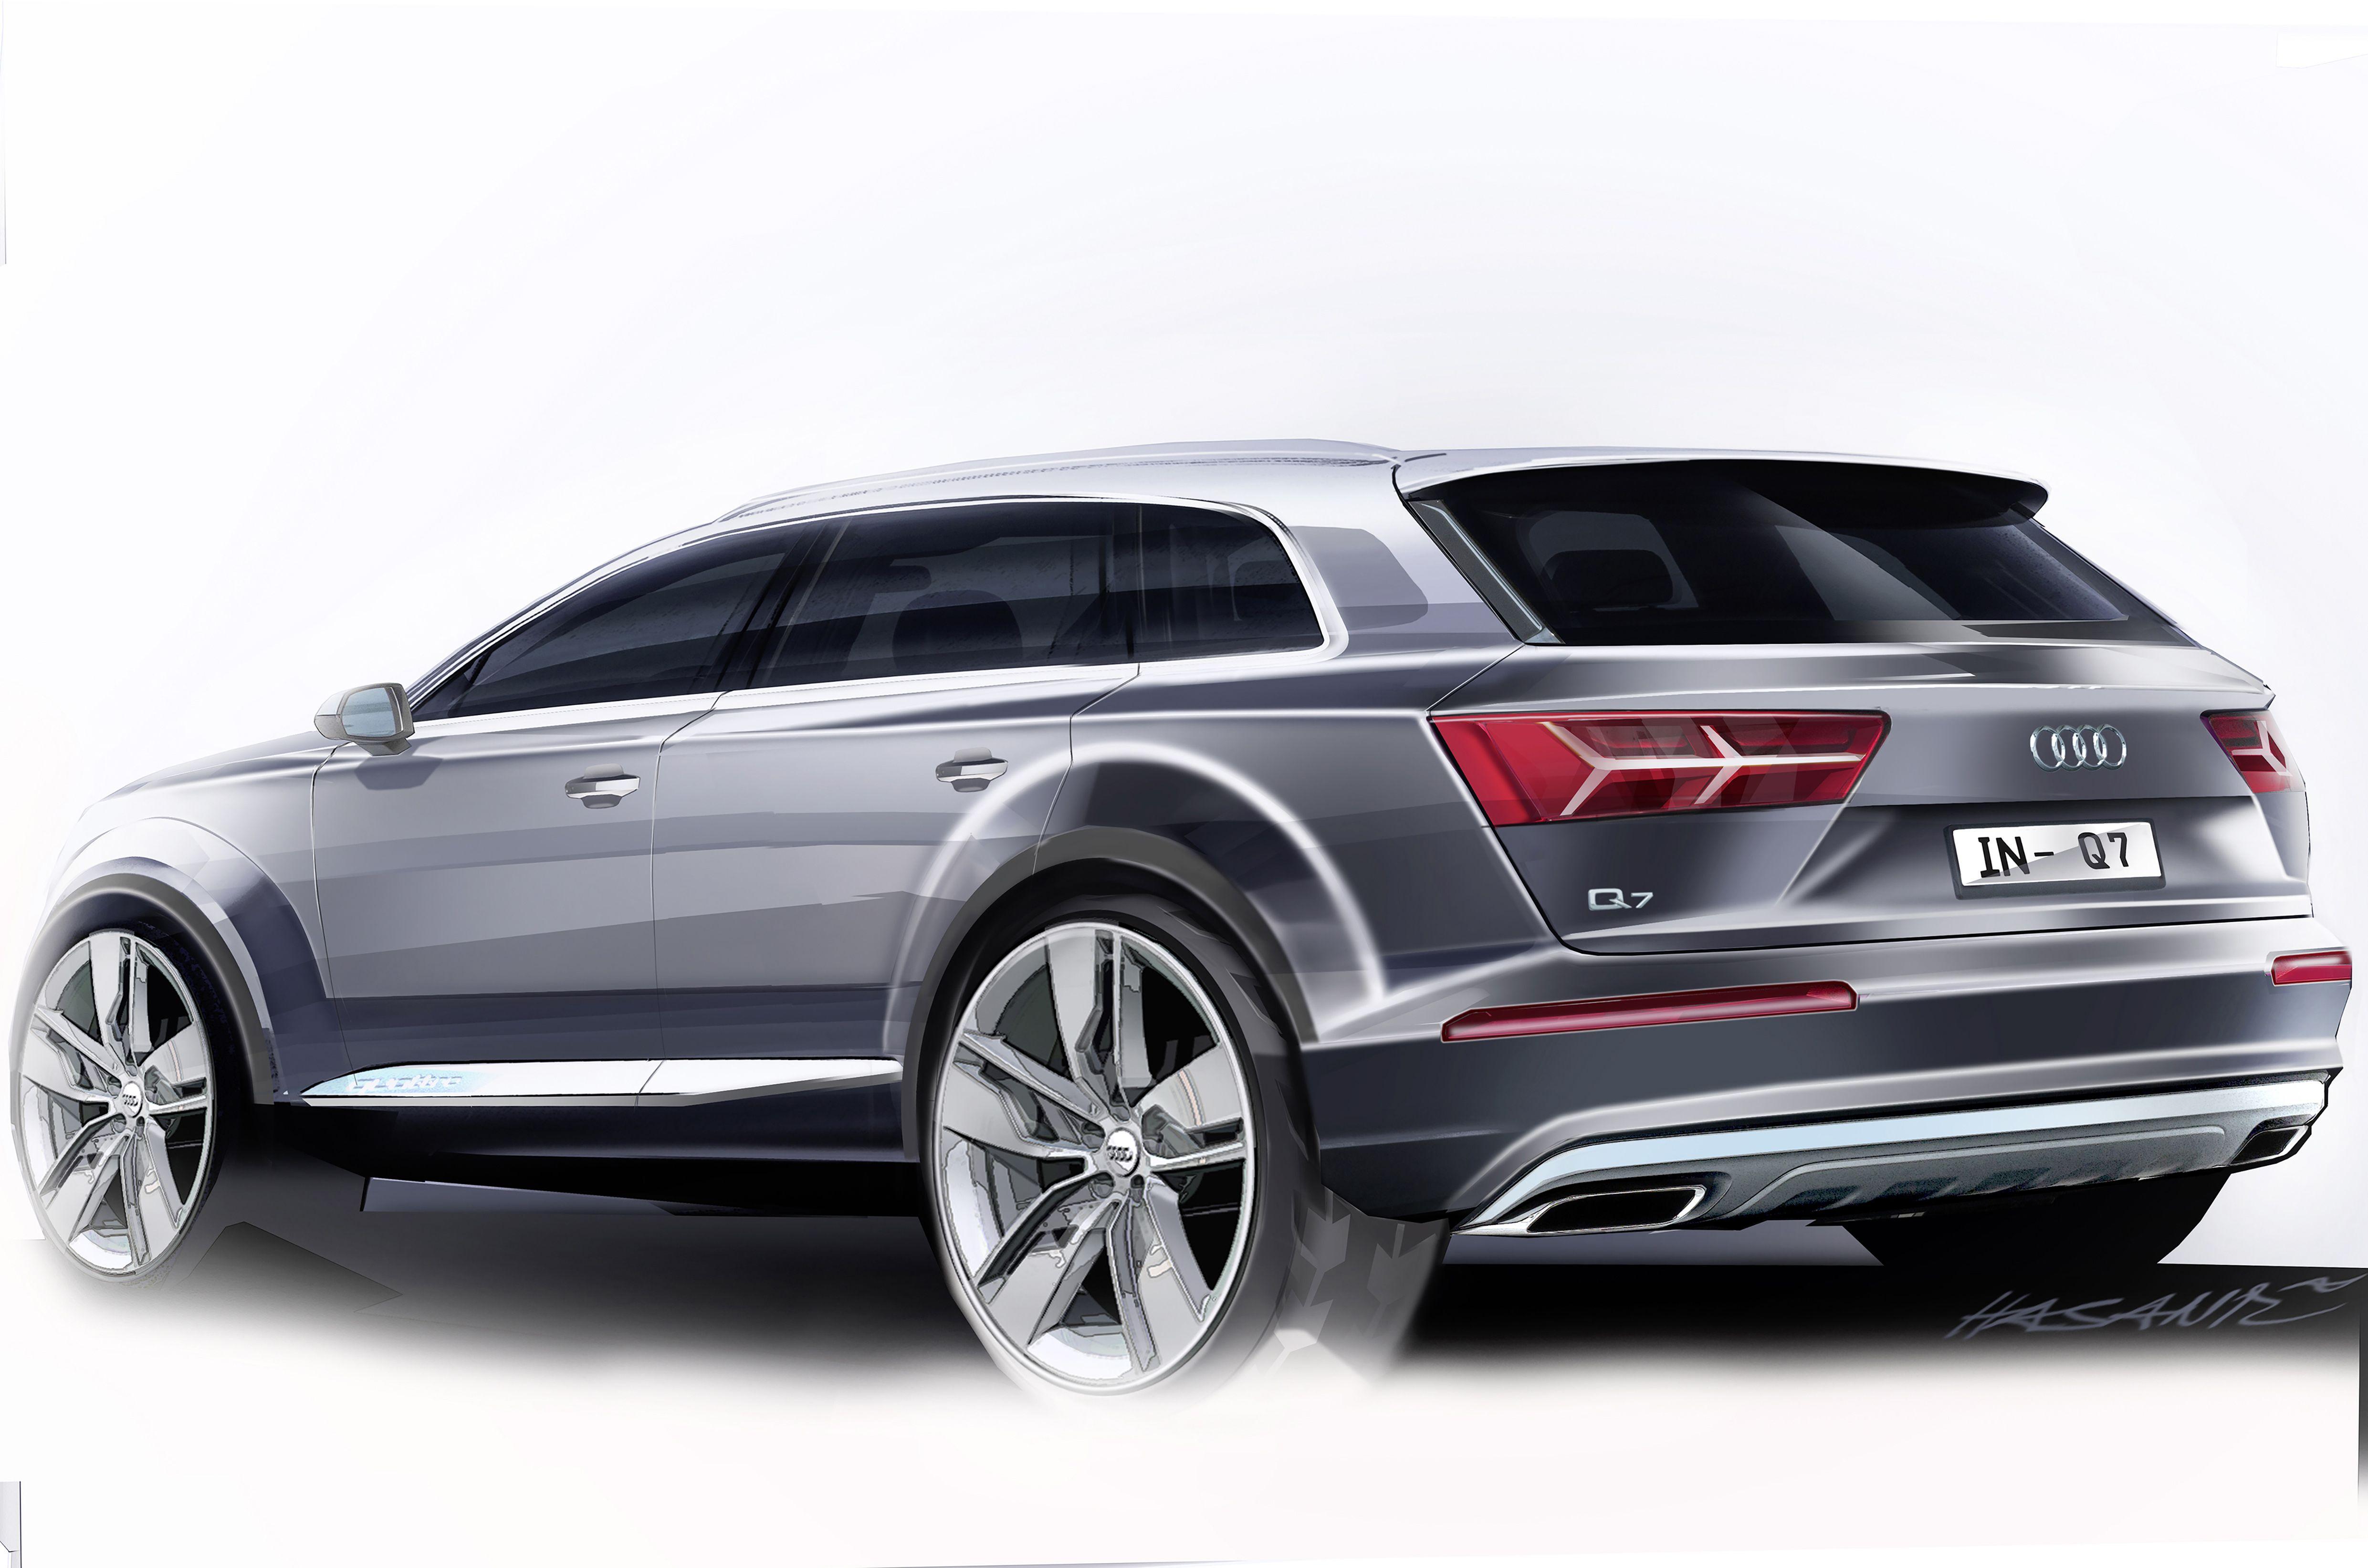 Audi Q7 Concept Design Sketch